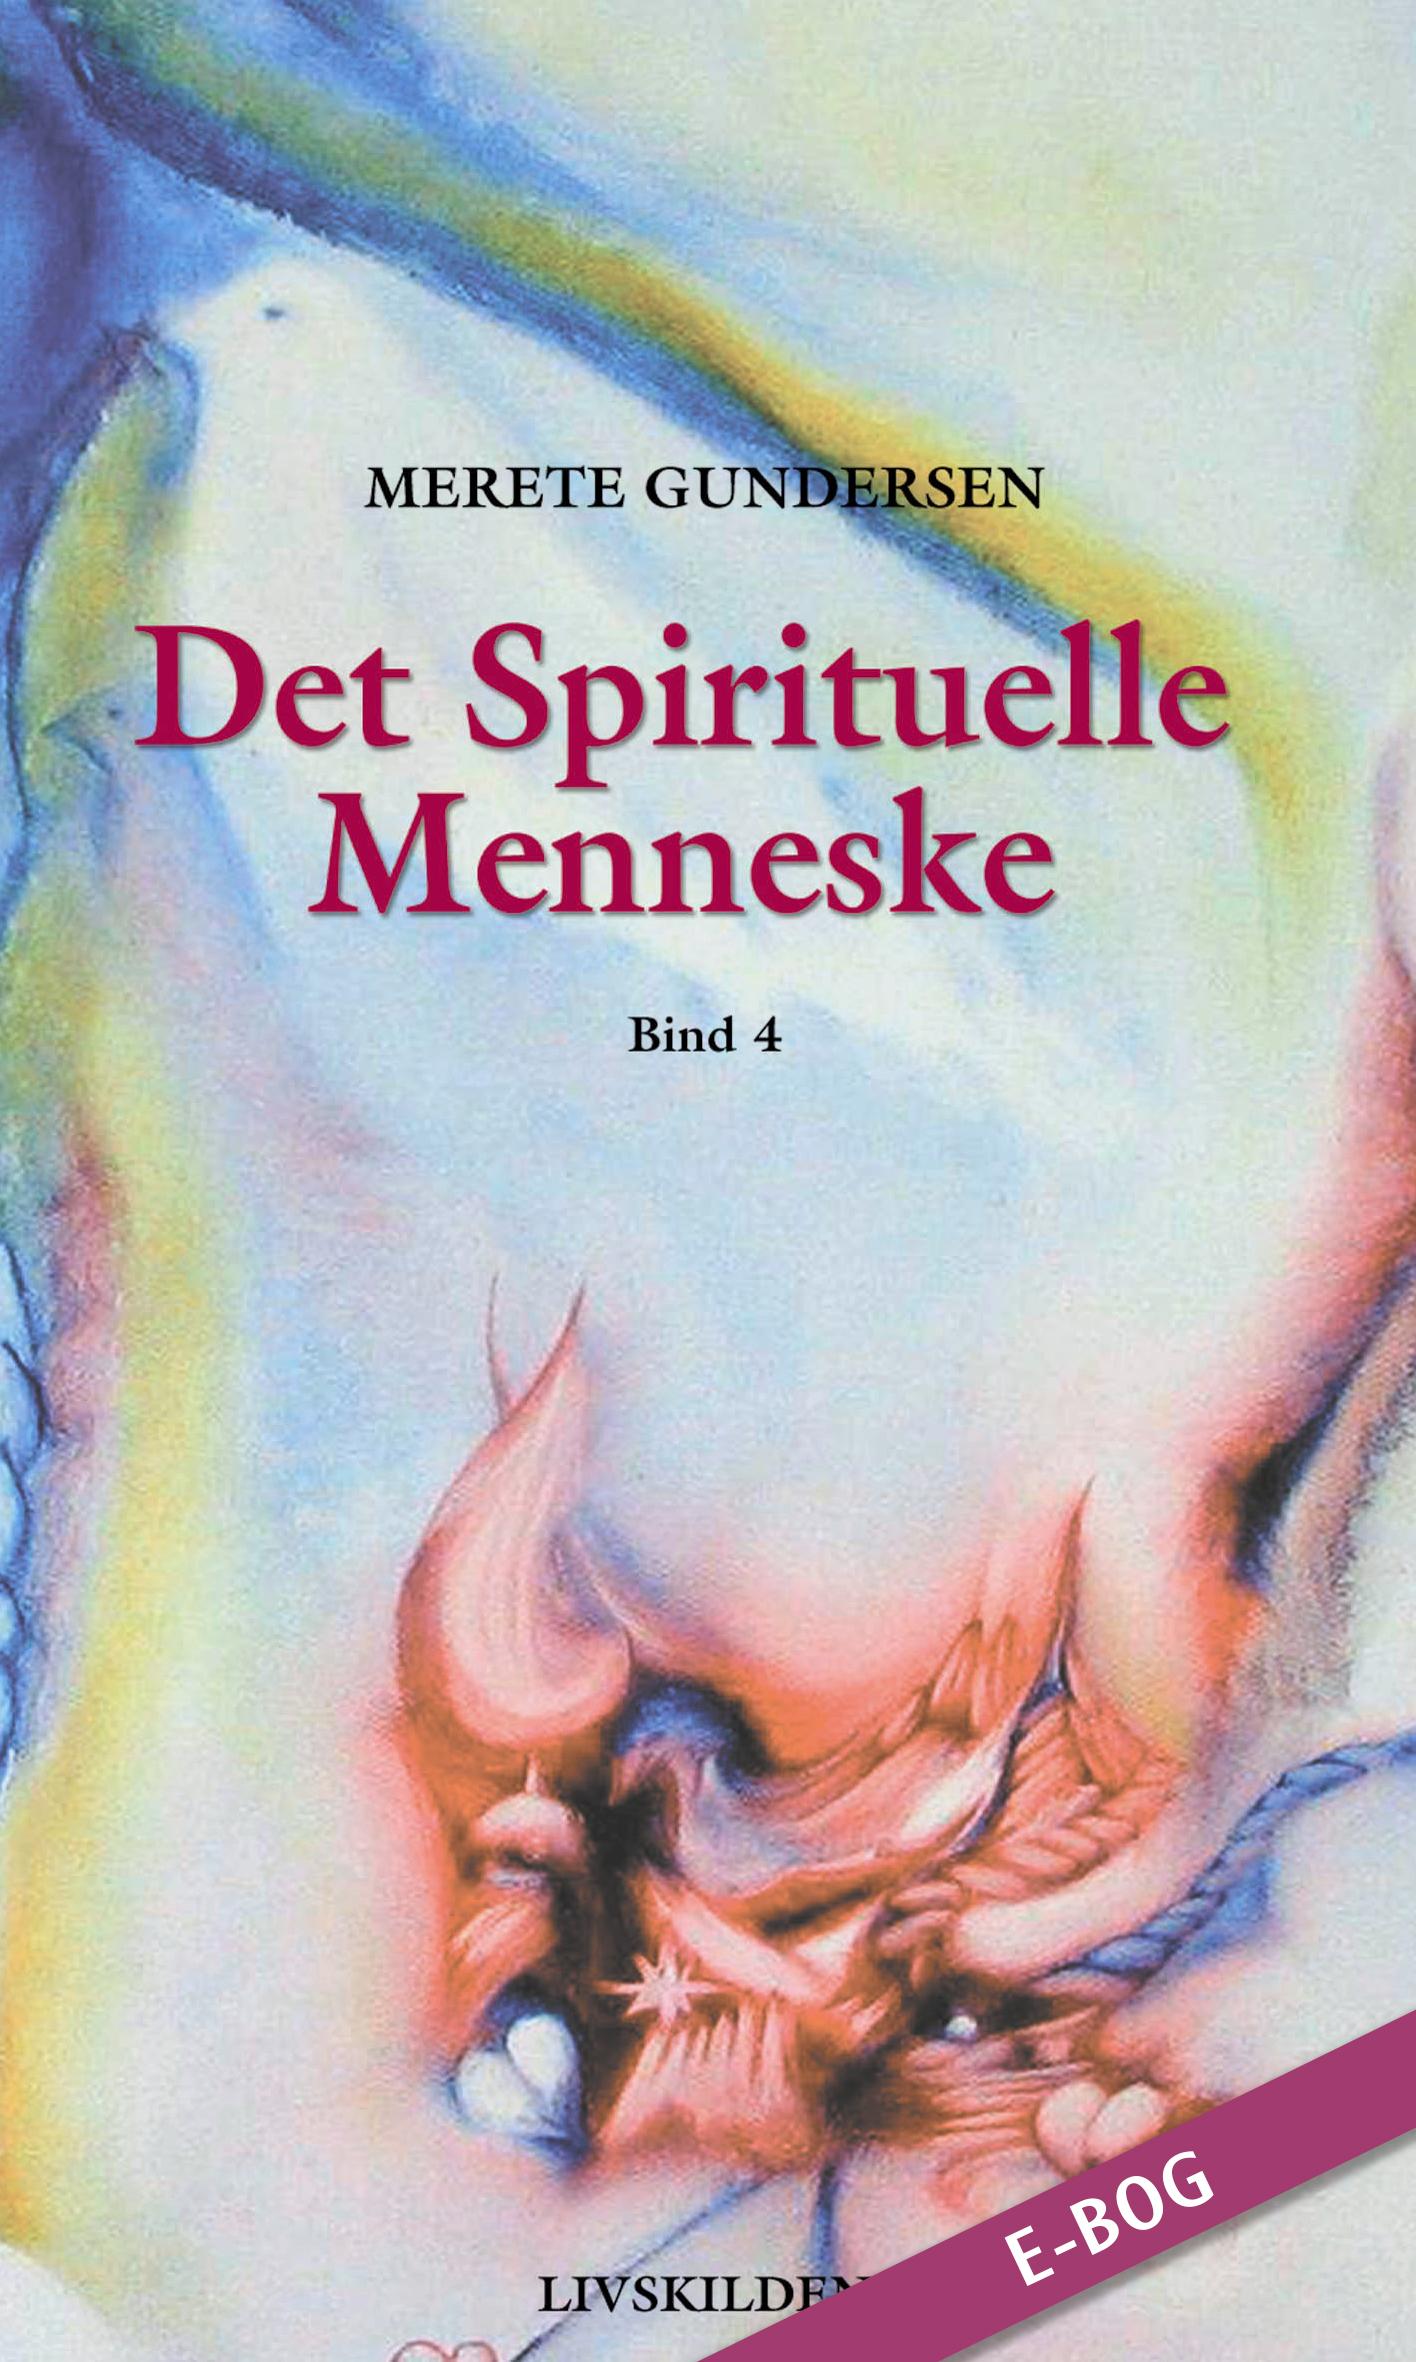 E-bog: Det Spirituelle Menneske 4